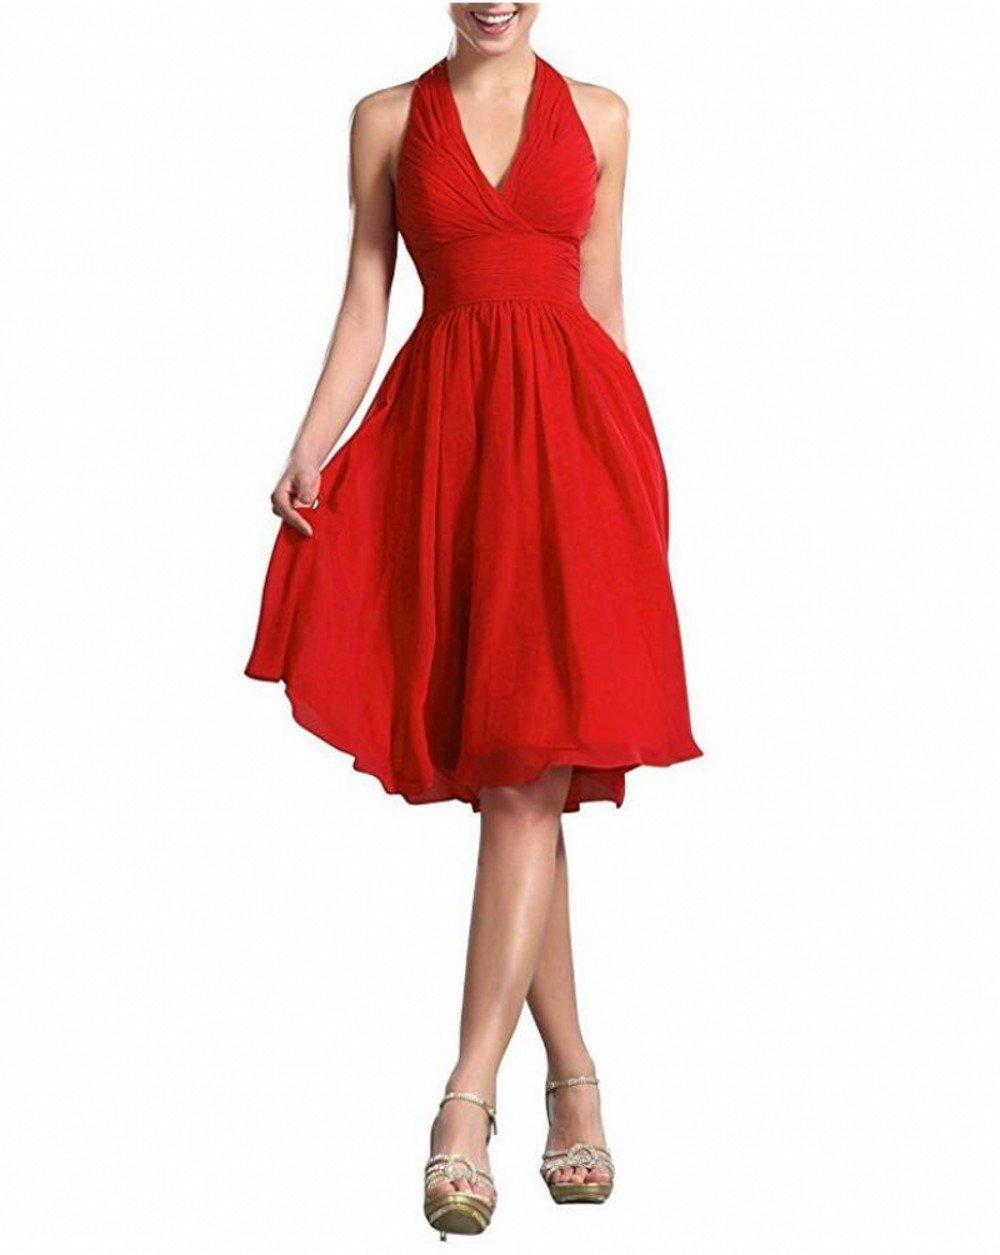 Botong V-Neck Homecoming Dress Knee Length Chiffon Bridesmaid Dresses Red US2